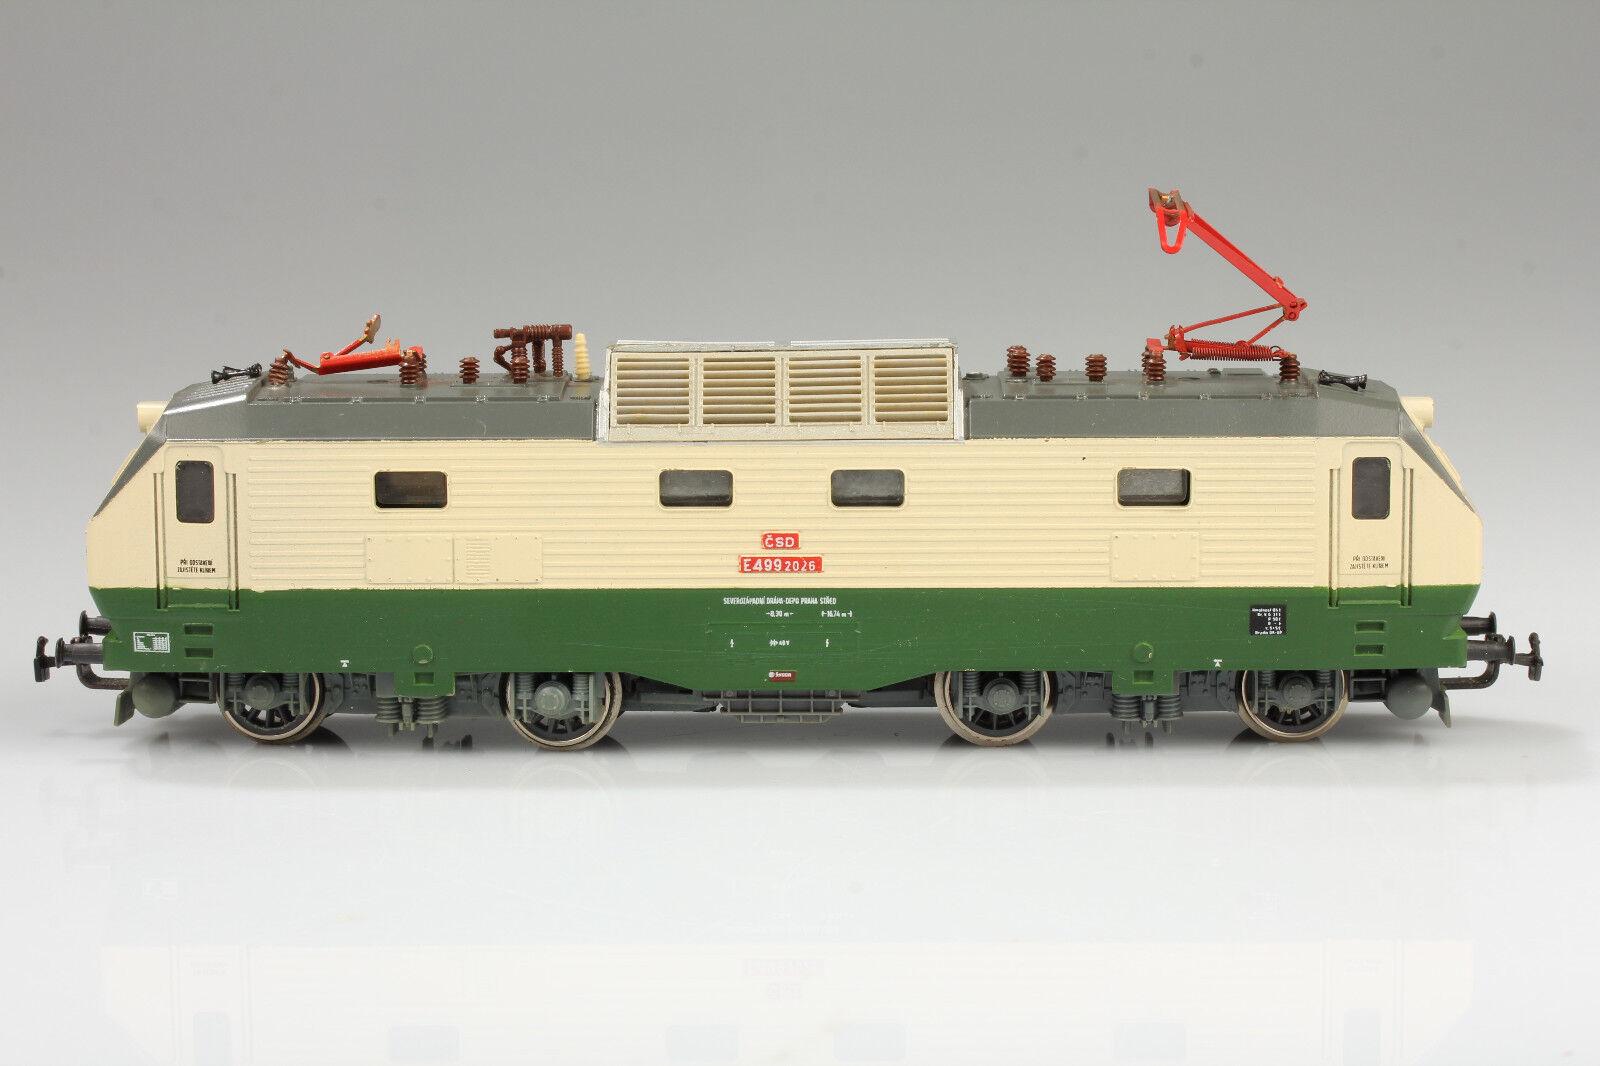 H0 Piko Csd 499 2026 Locomotora Funciona Luz Vale Rumpel Suciedad Arañazo